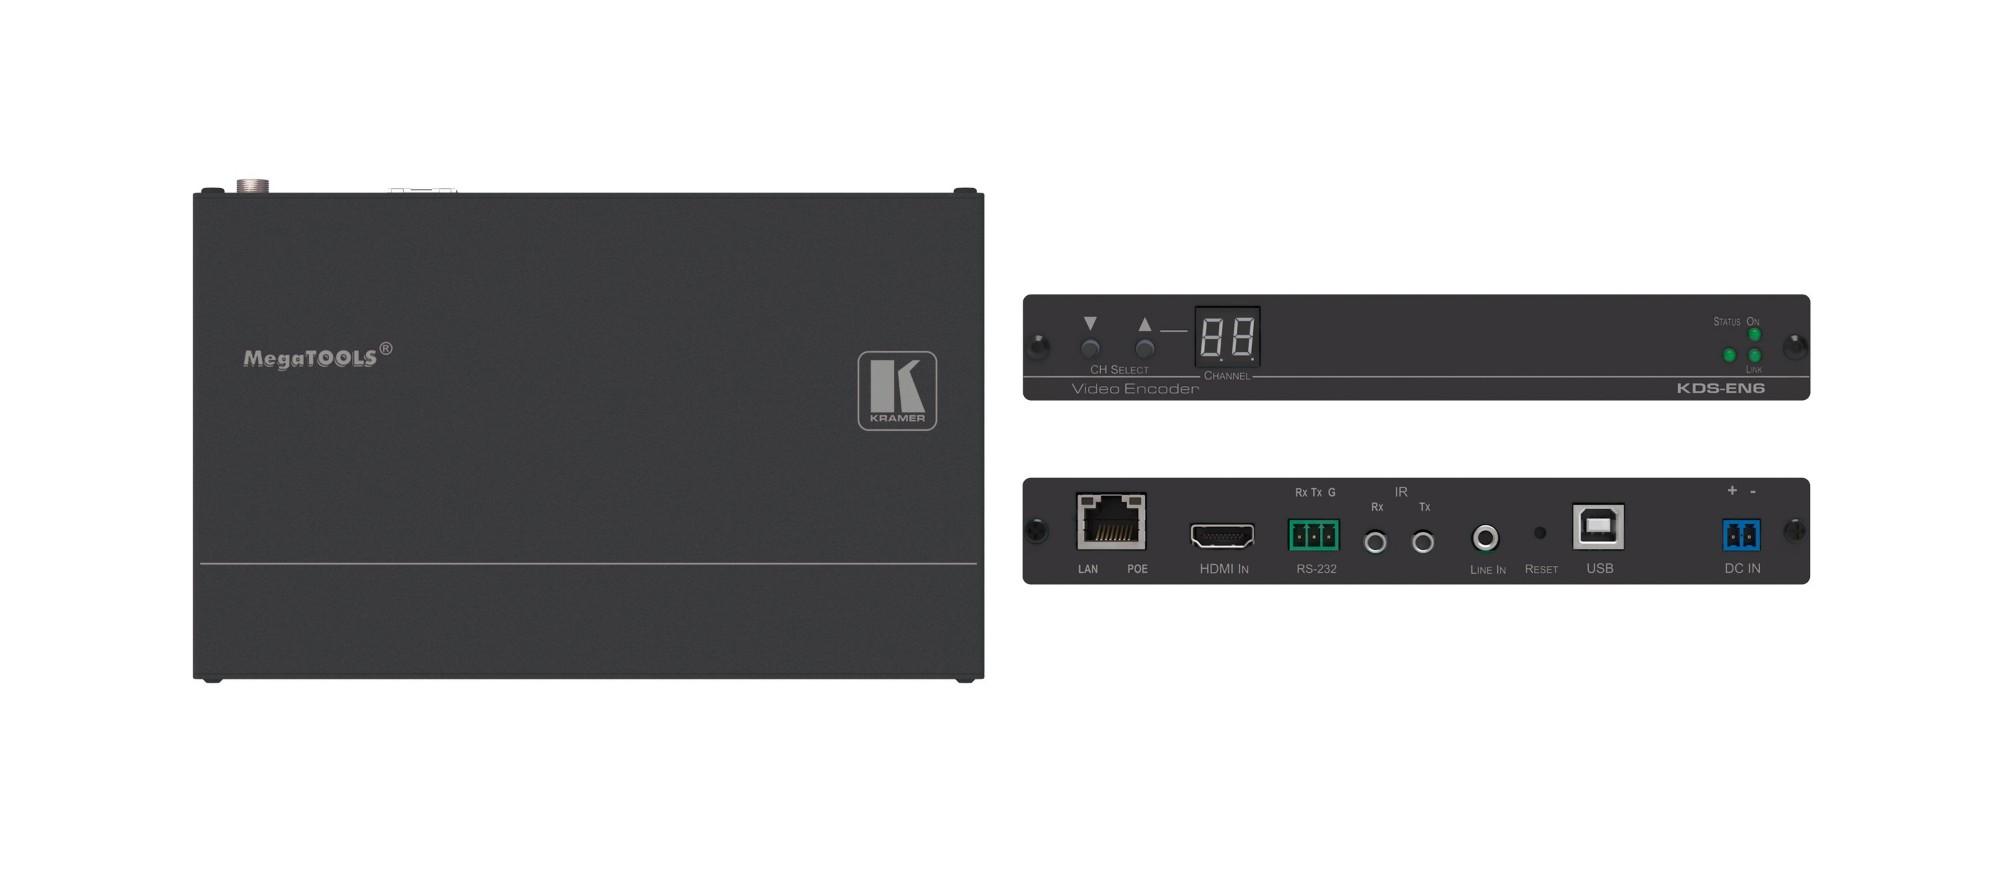 Kramer Electronics KDS-EN6 AV extender AV receiver Black